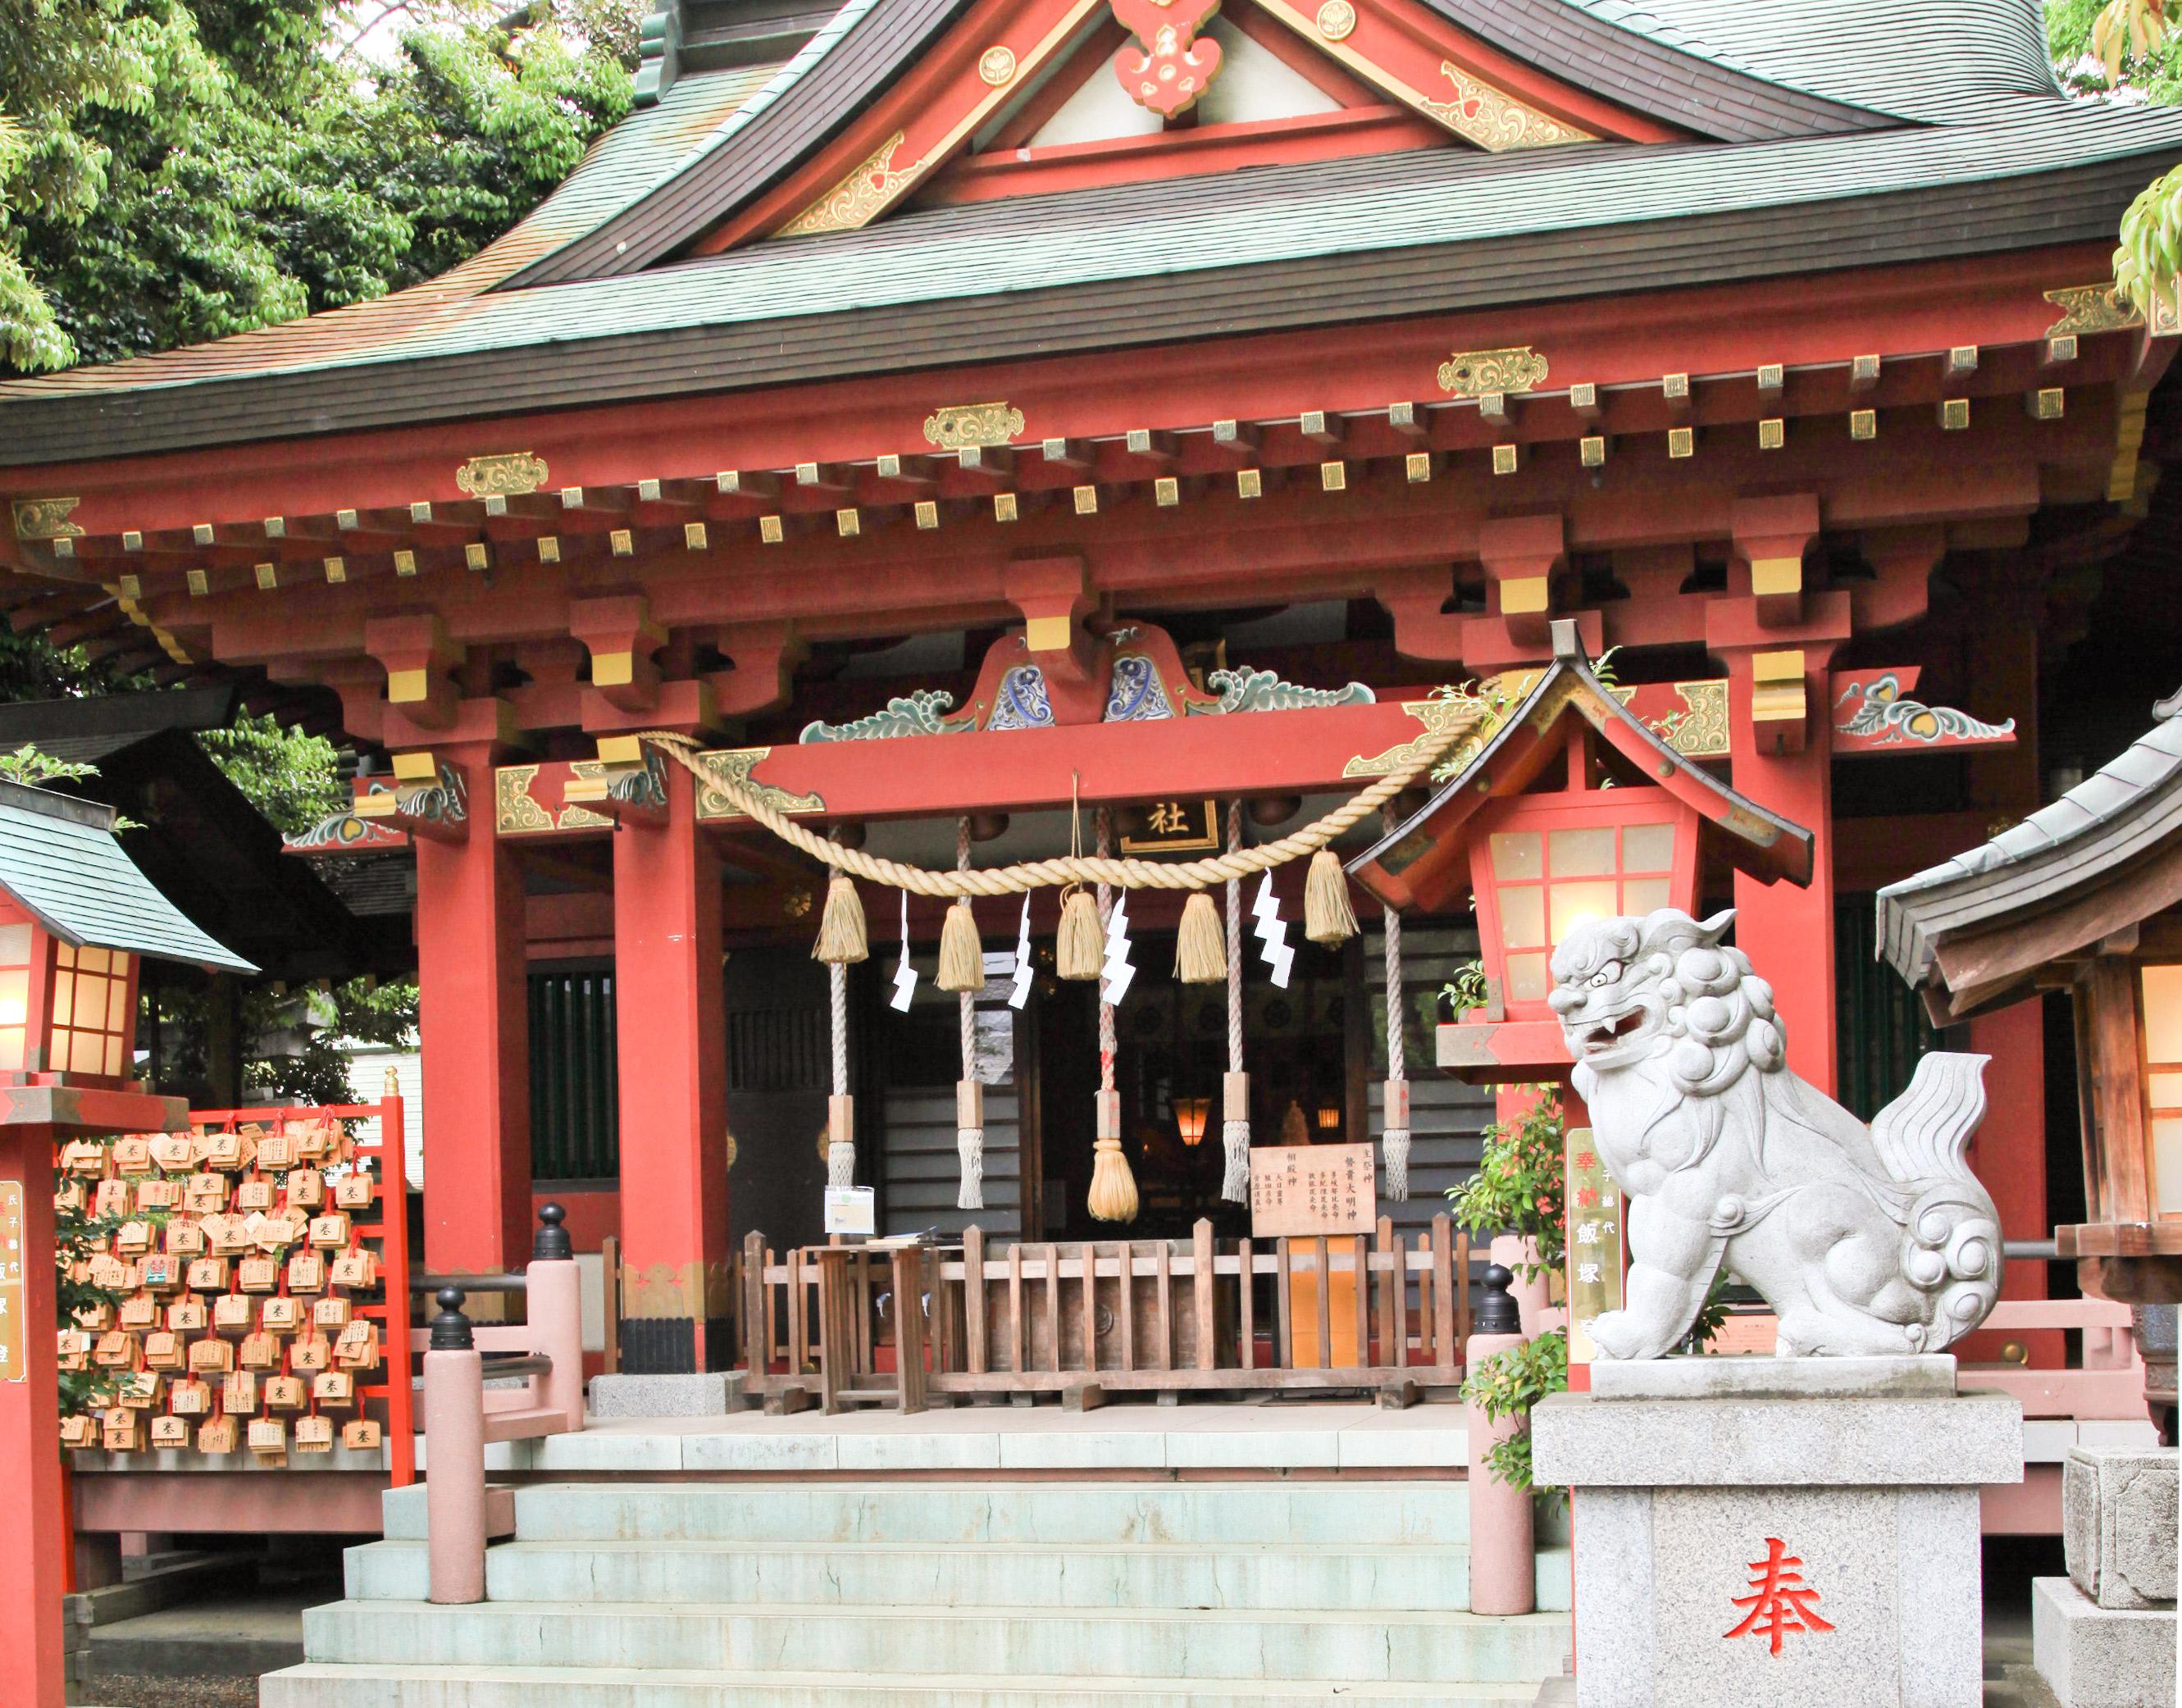 前川神社写真館-社殿前